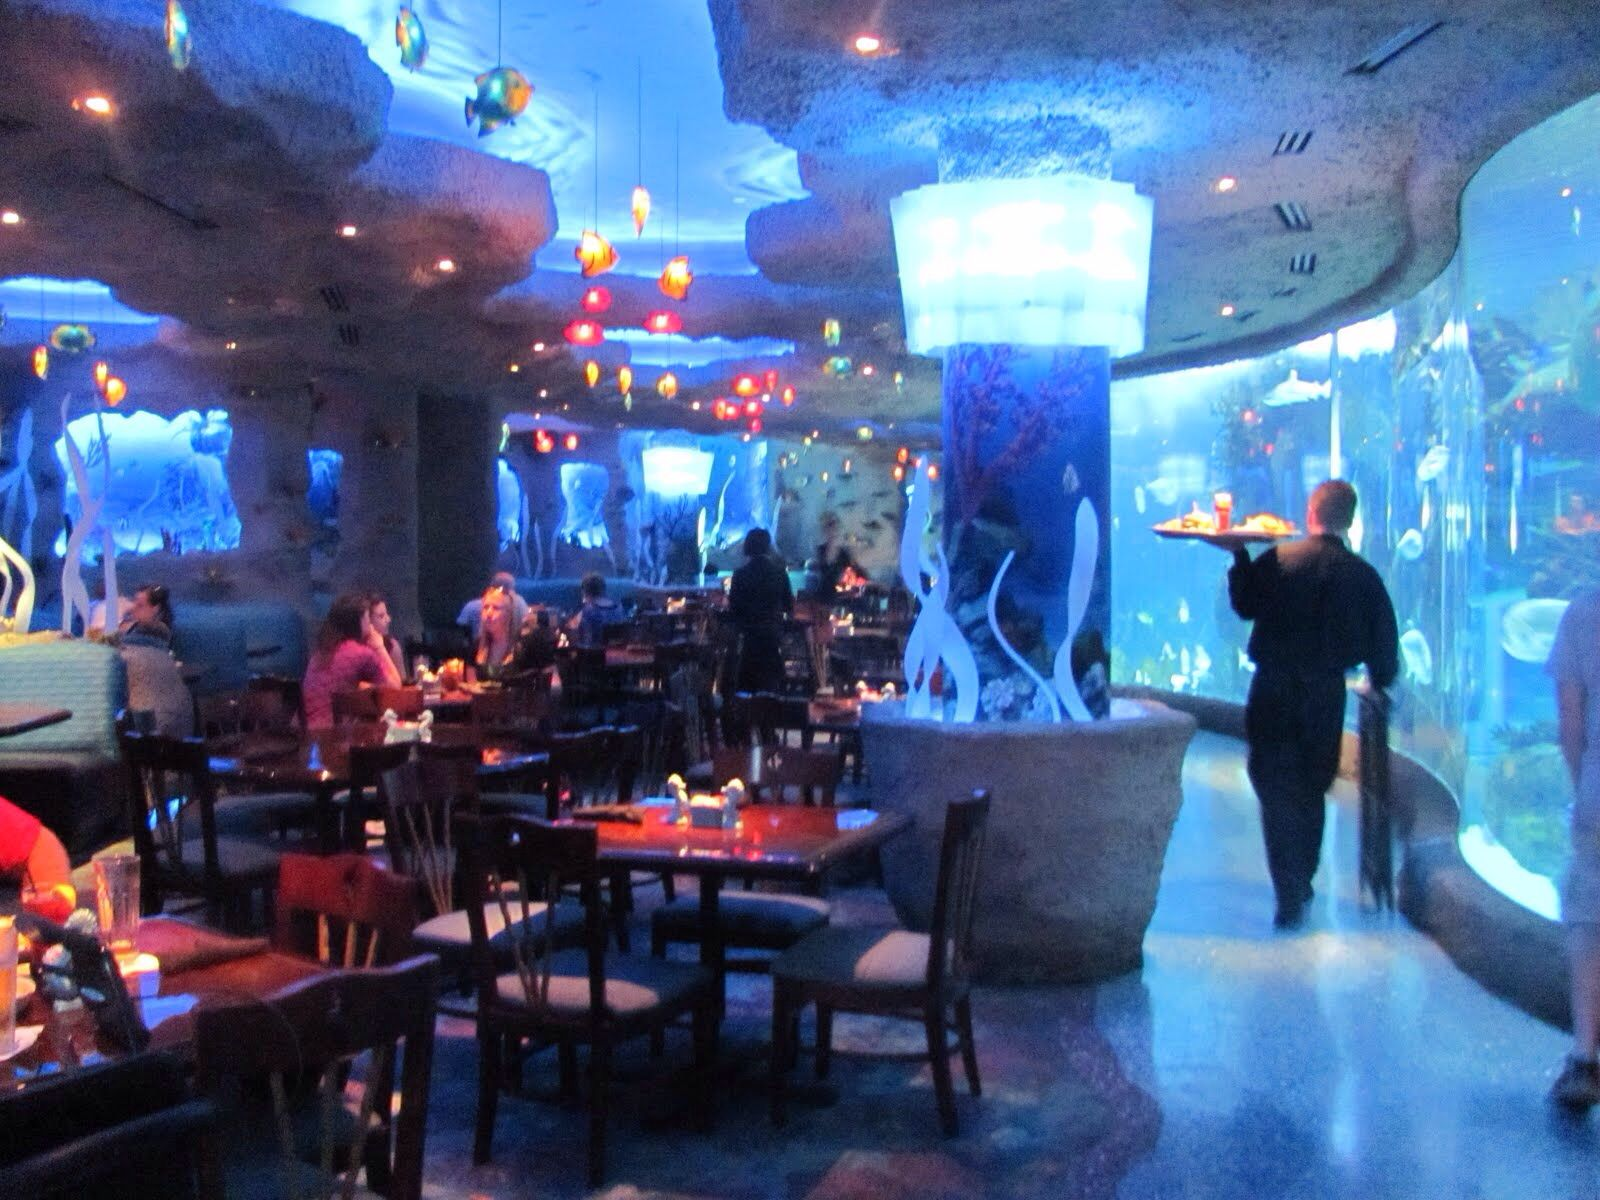 Aquarium Restaurant Nashville Tn Aquarium Restaurant